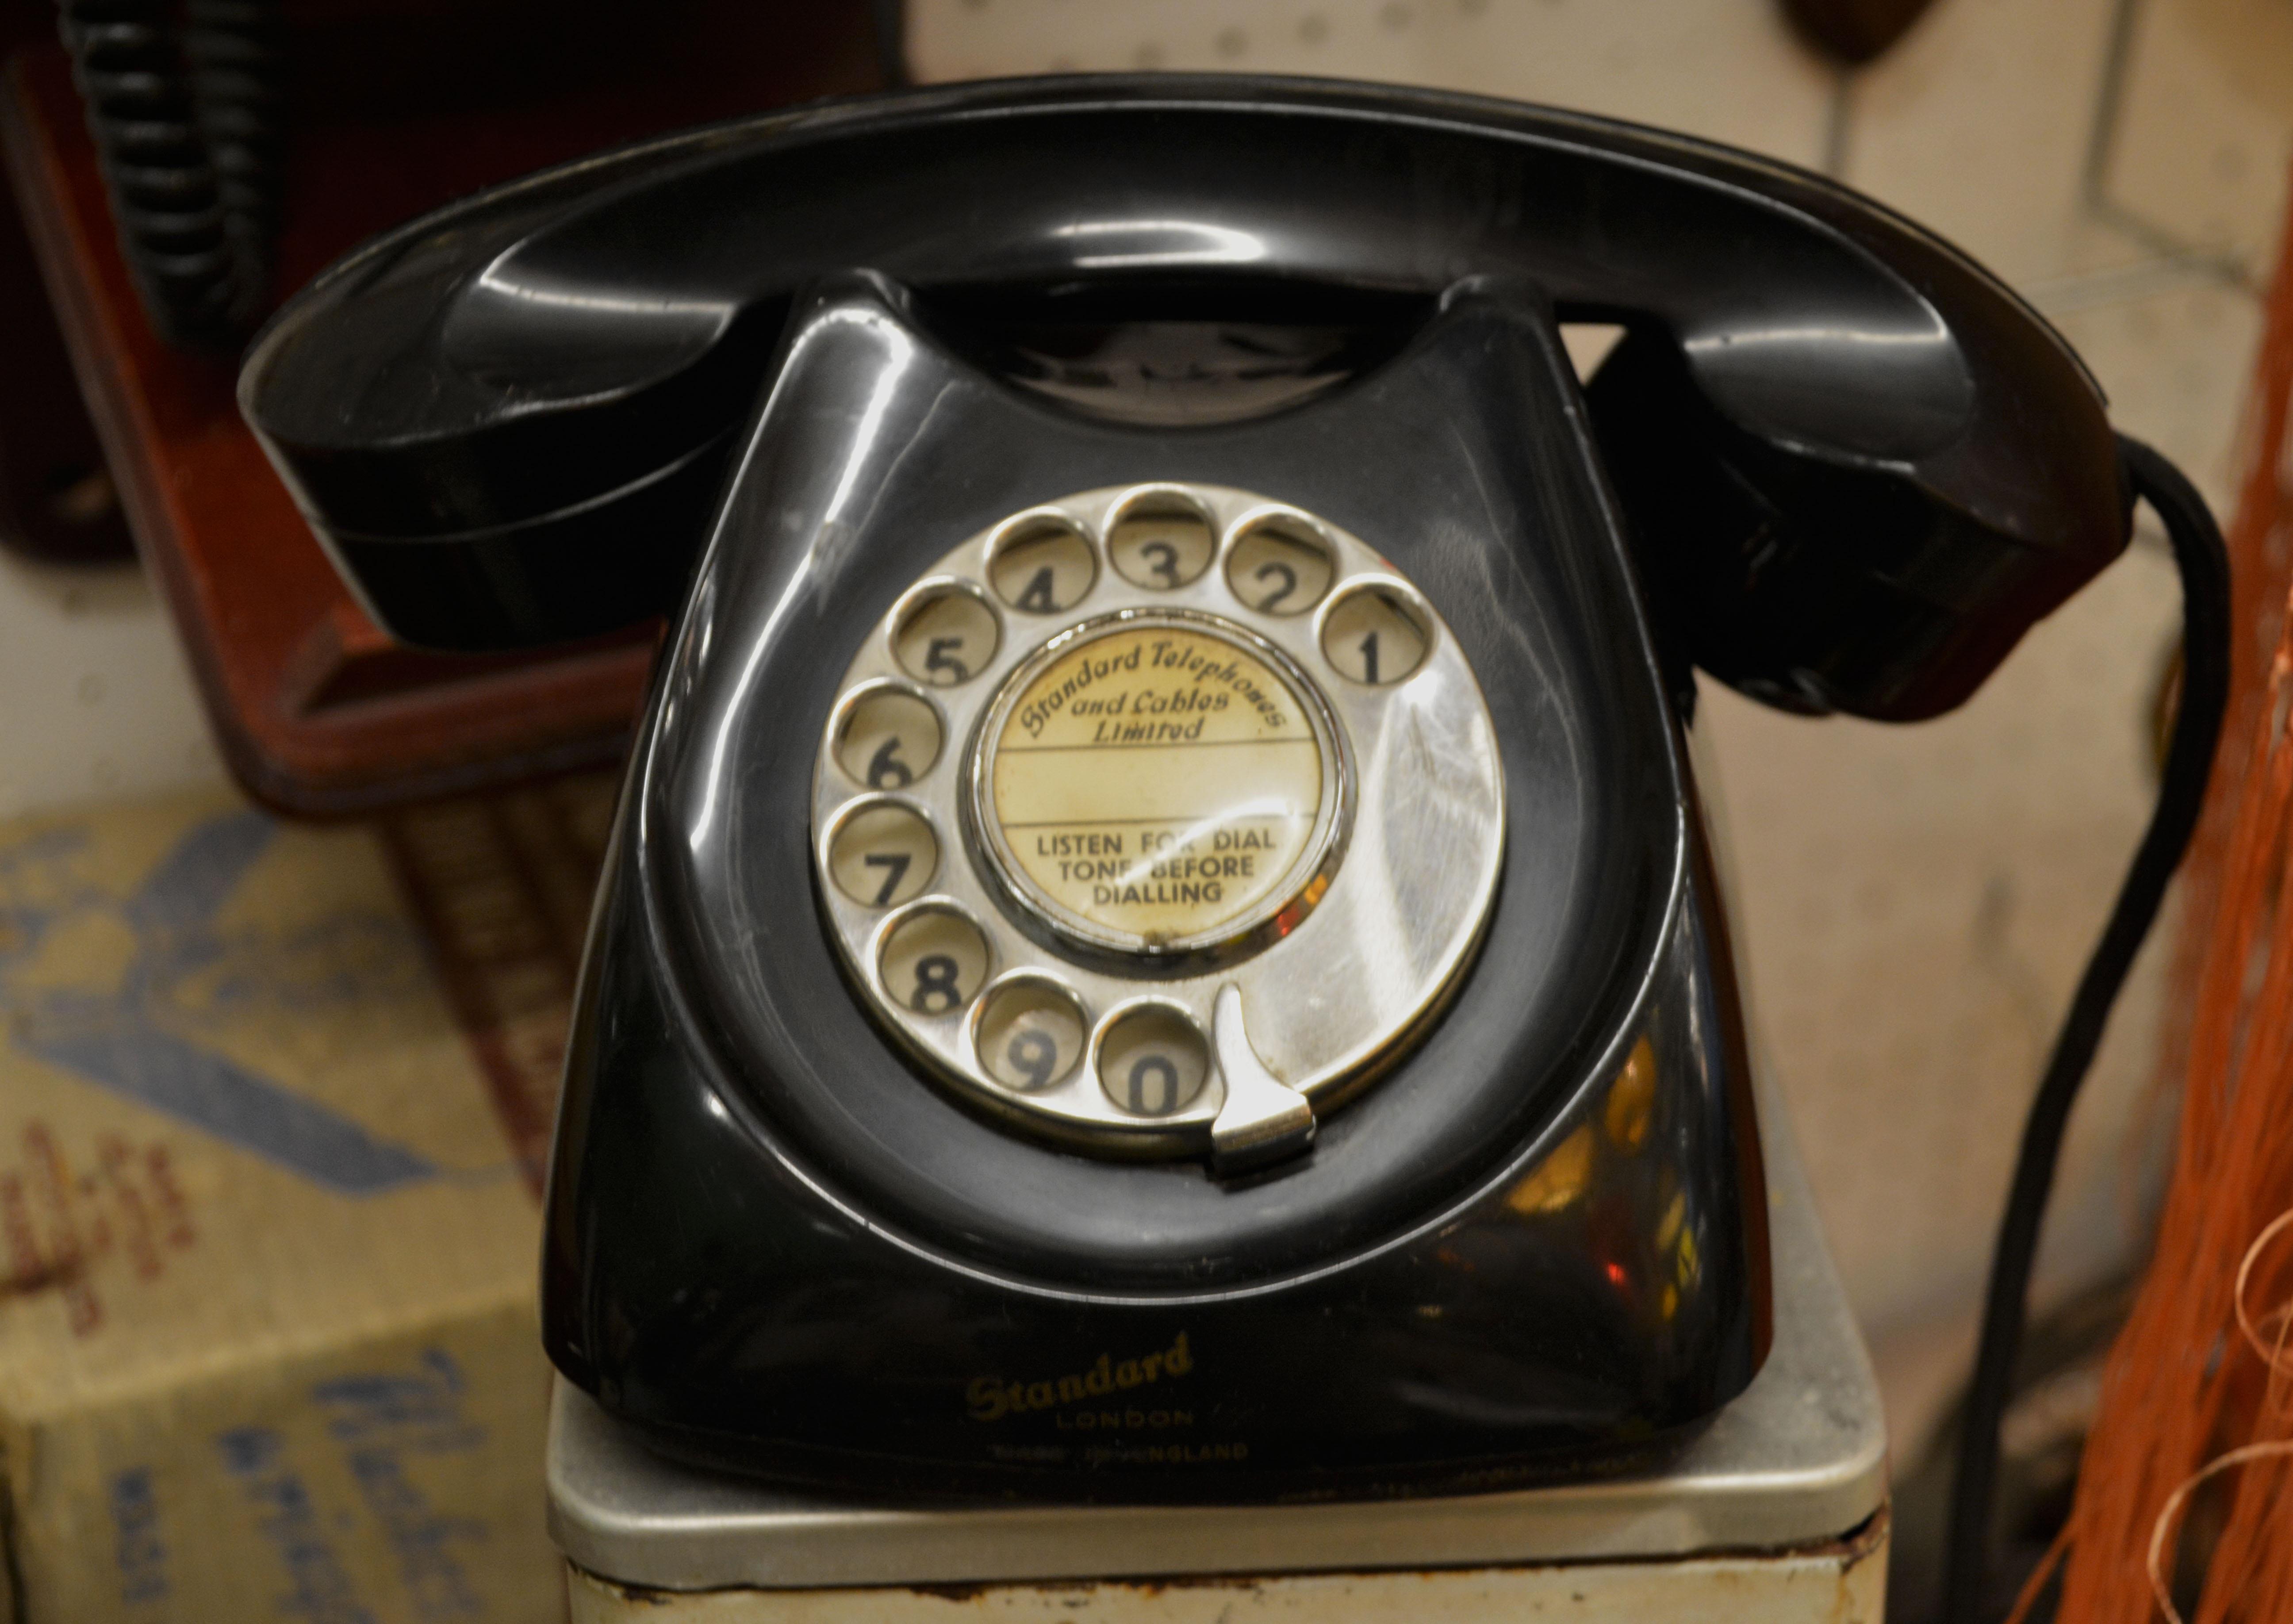 Ansluta mobil telefon till hem telefon